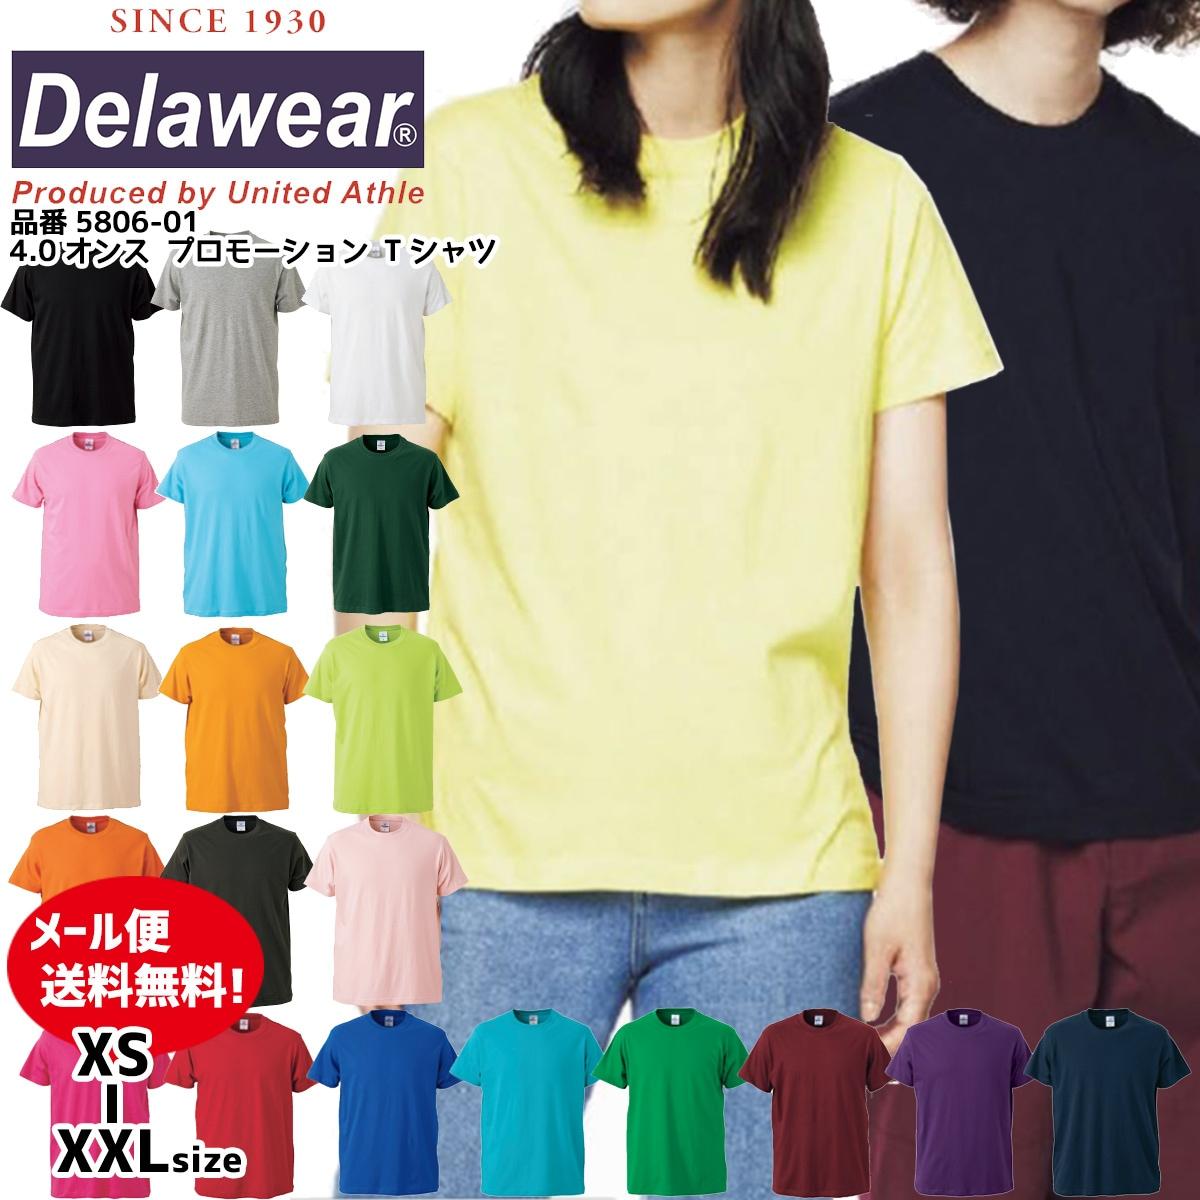 【送料無料】 Tシャツ 半袖T 半袖 T-shirt 無地 ユナイテッドアスレ 衣装 大人用 子供用 子供服 4.0オンス 5806